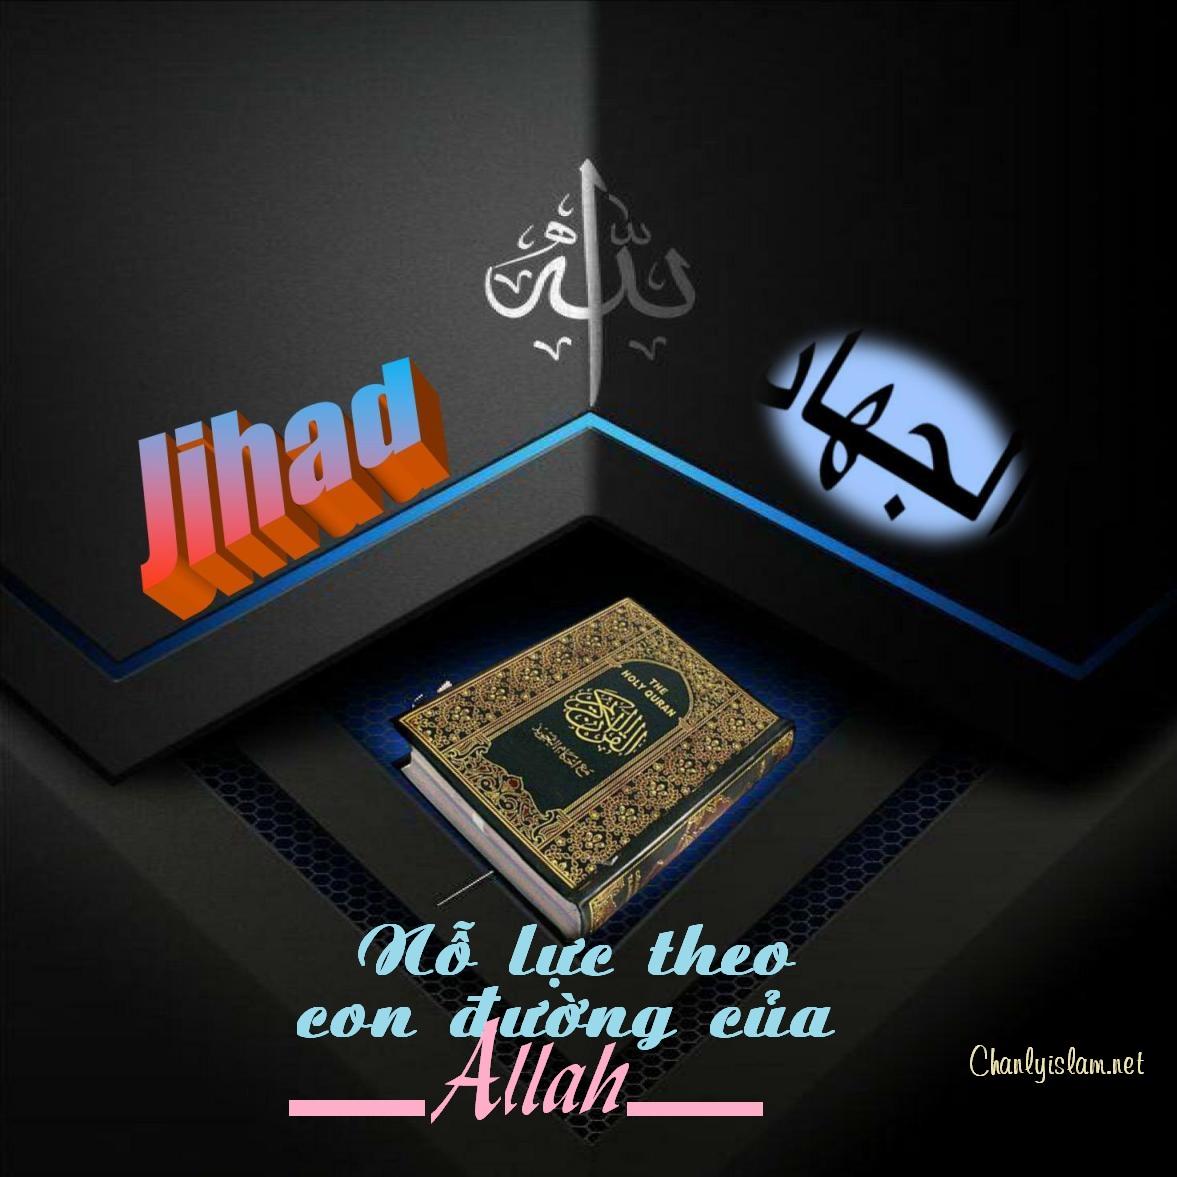 """BÀI VIẾT VÀ THUYẾT GIẢNG AUDIO: """"JIHAD - NỖ LỰC THEO CON ĐƯỜNG CỦA ALLAH"""